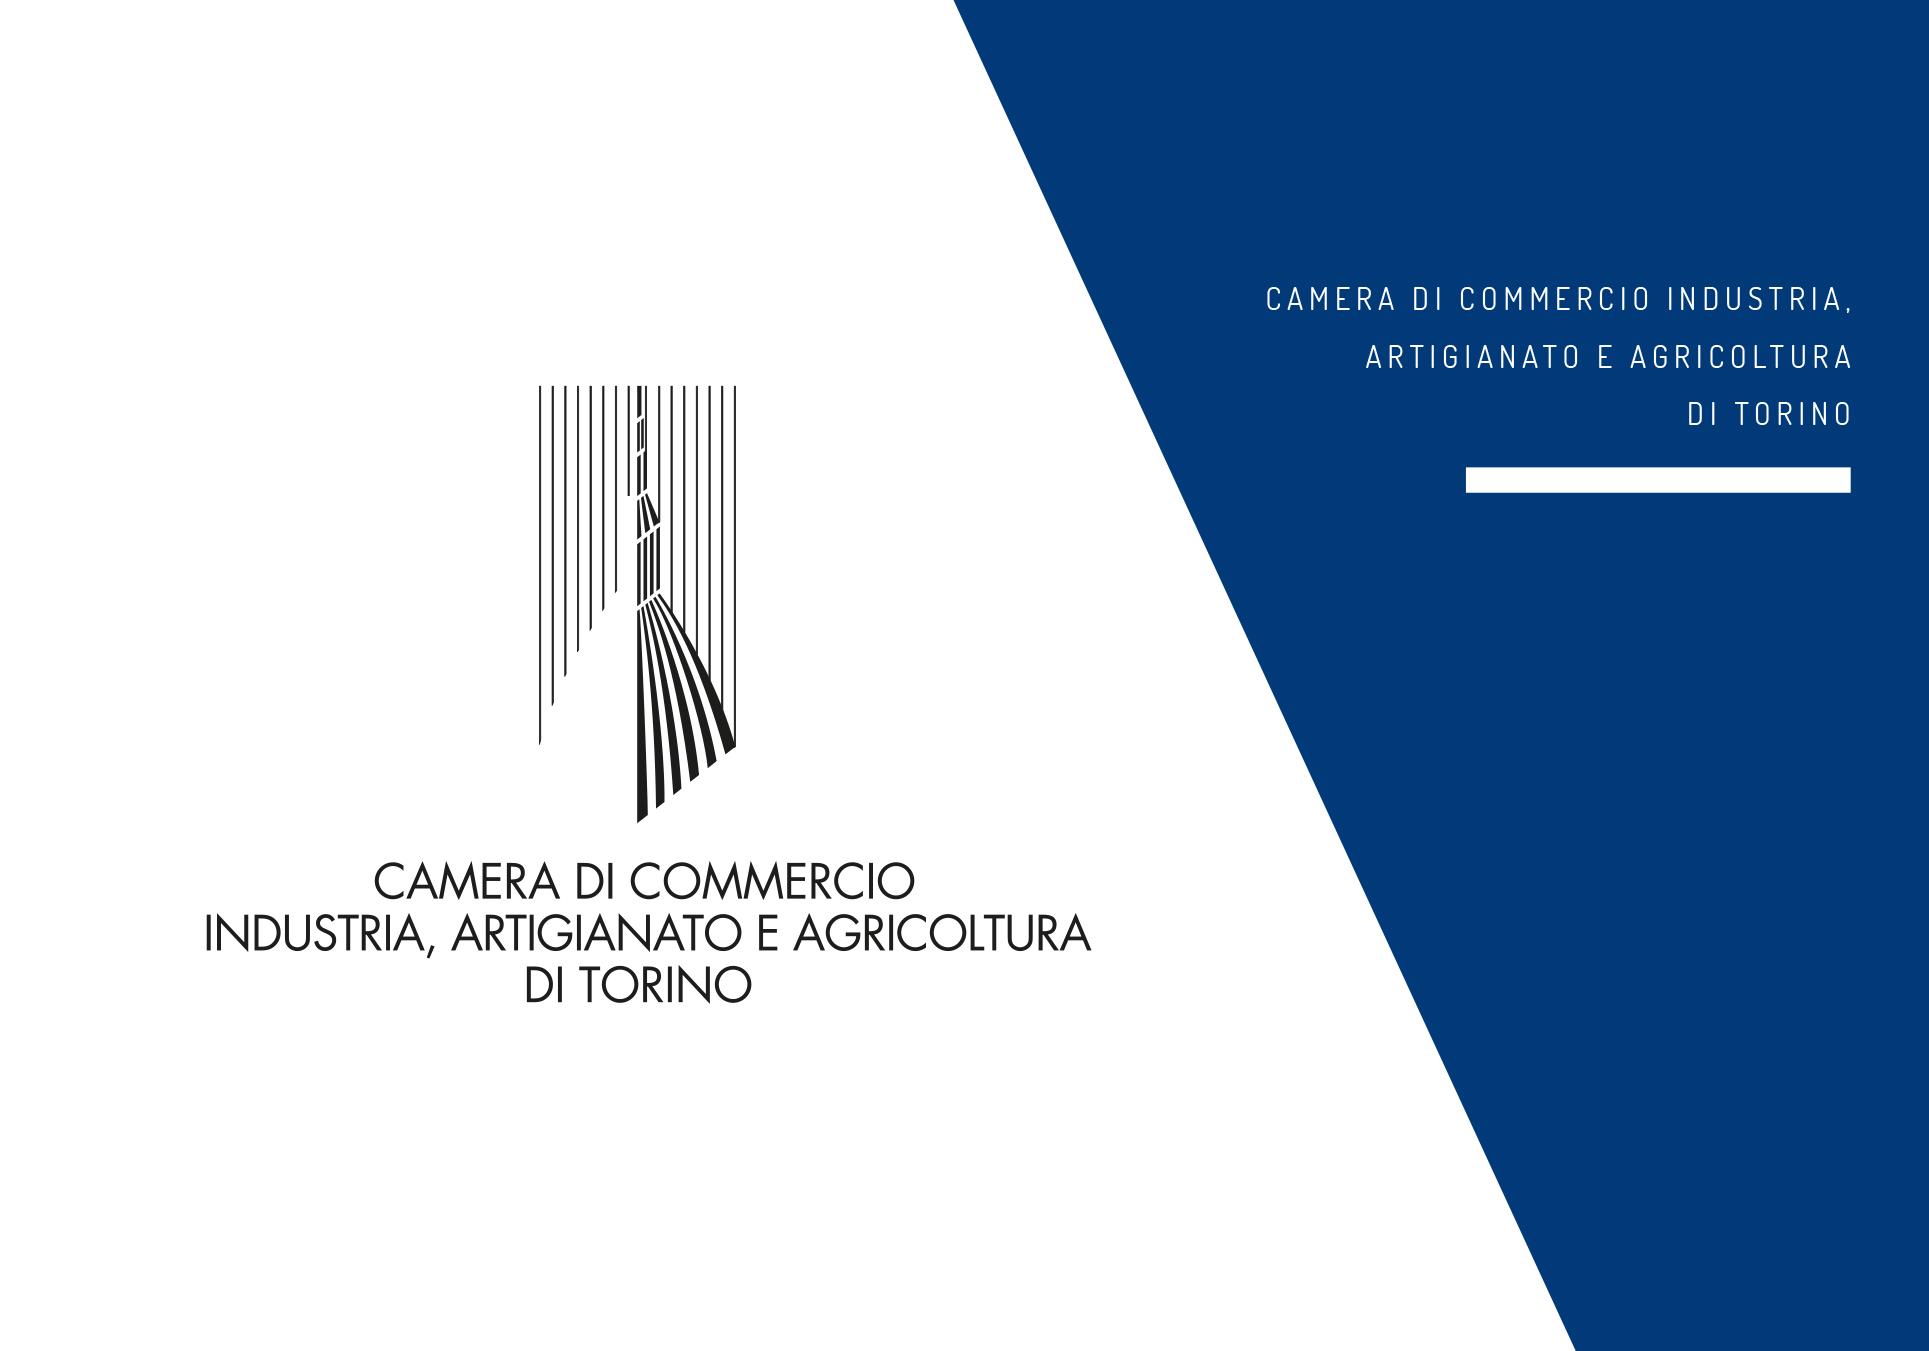 Camera di commercio, industria, artigianato e agricoltura di Torino